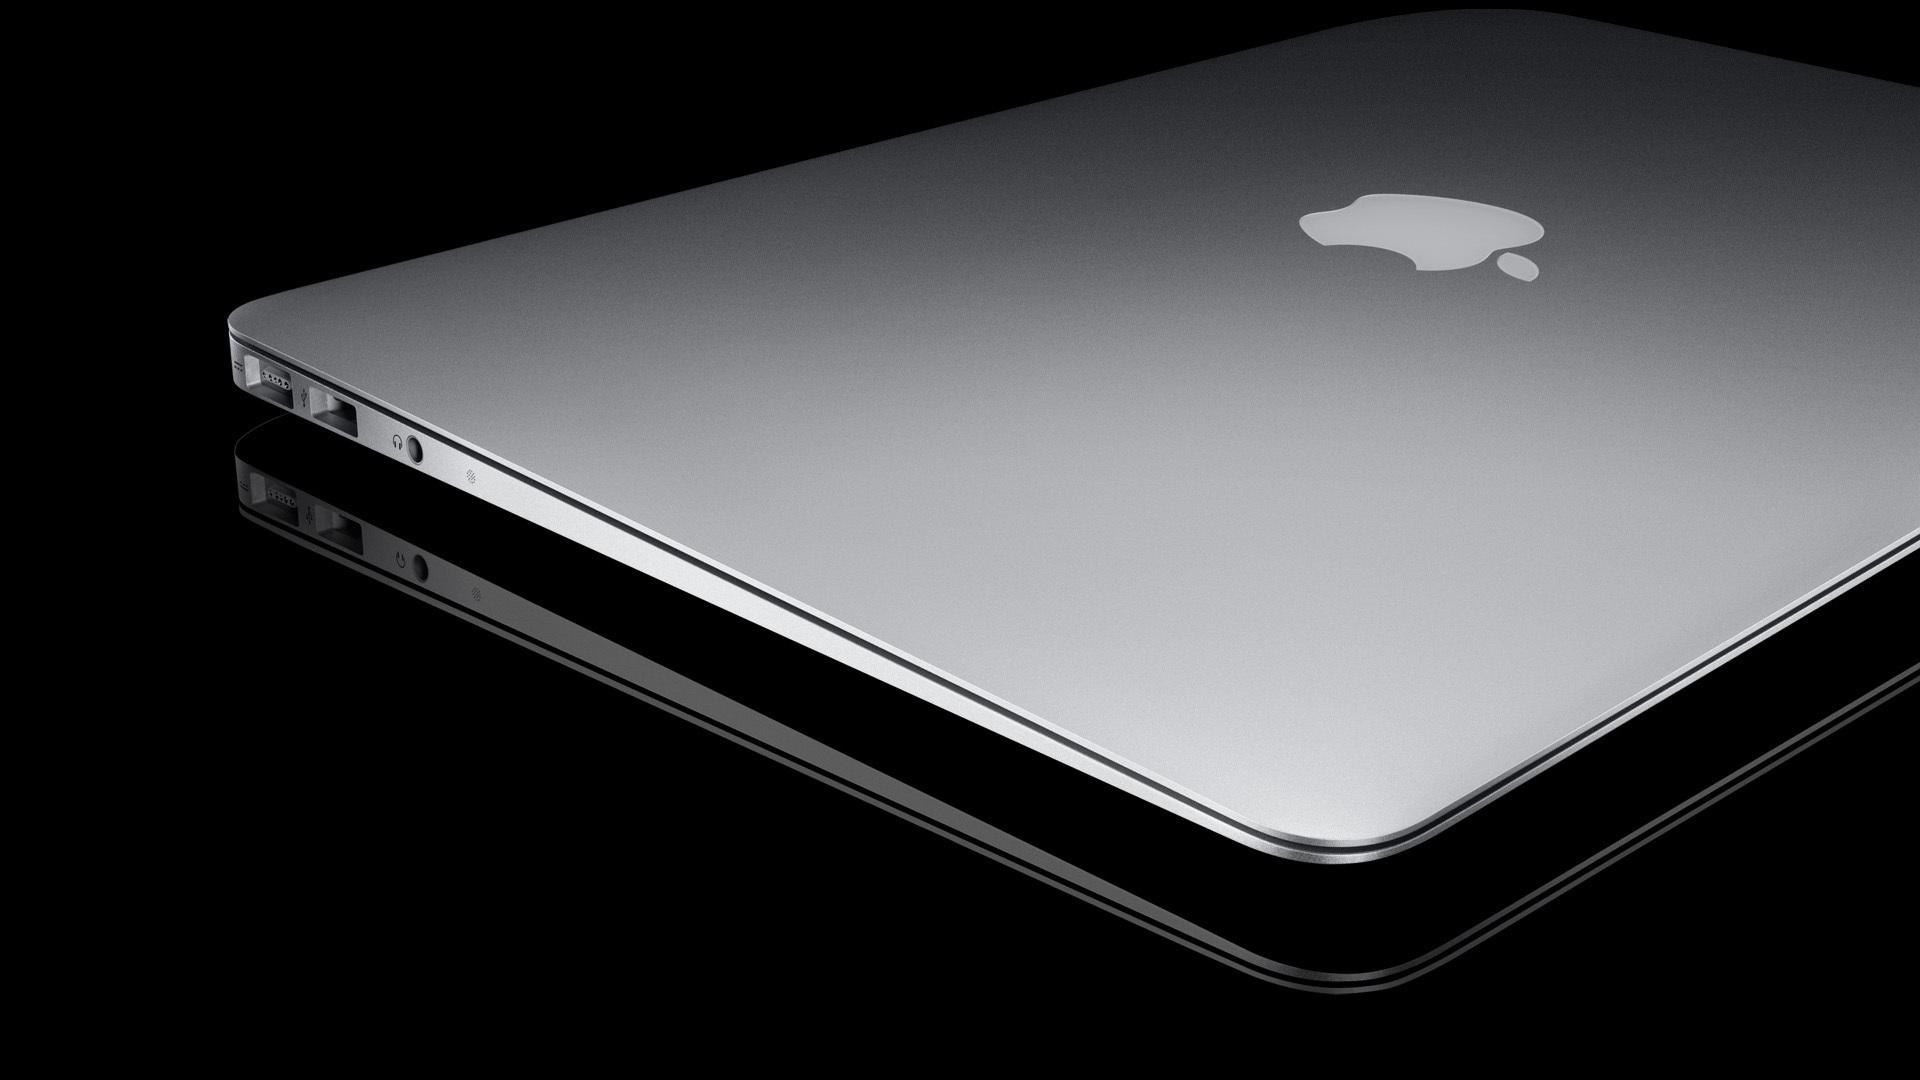 Apple-Macbook-Air.jpg